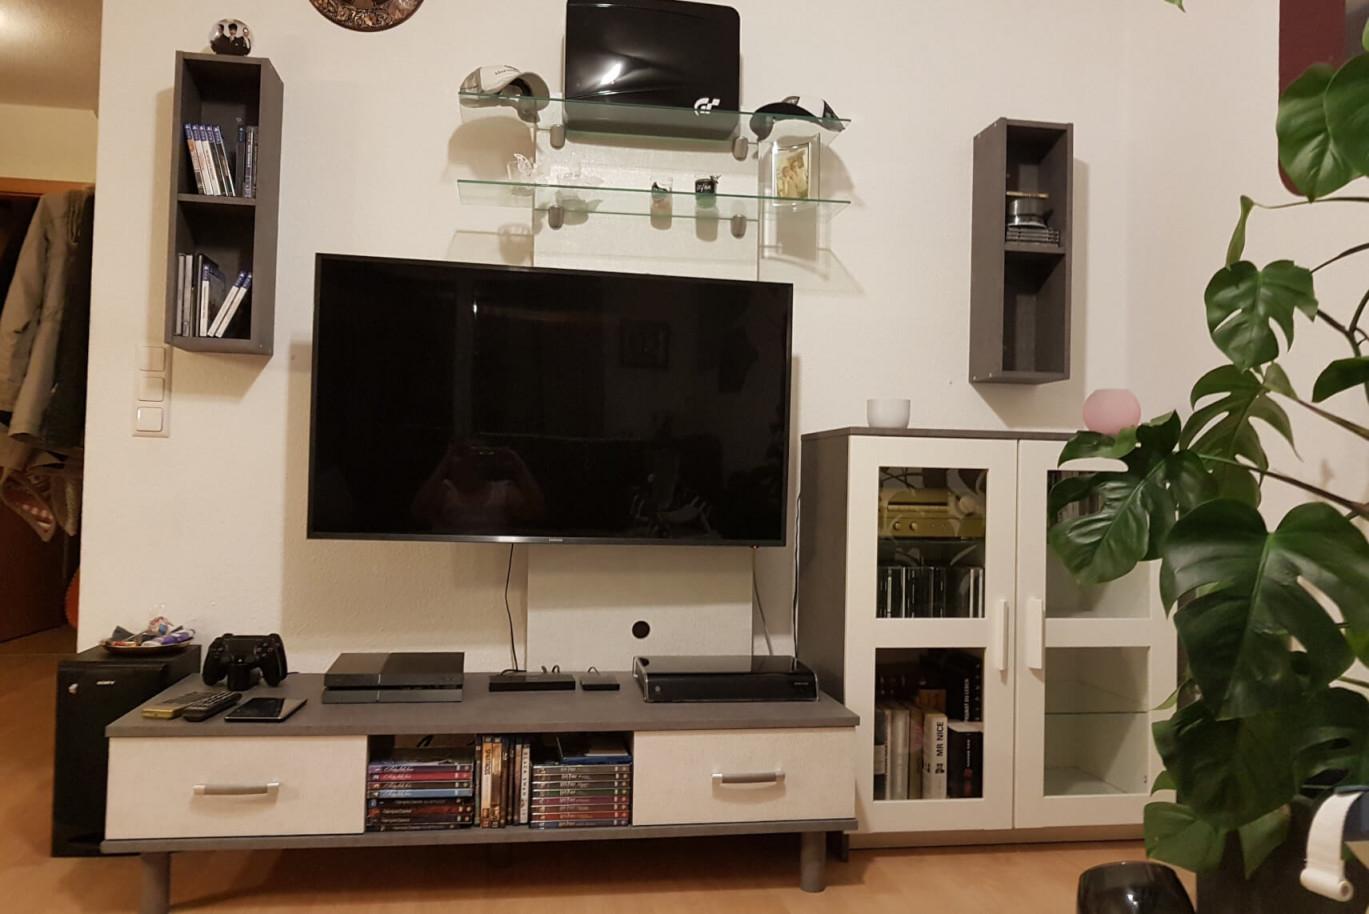 Wohnzimmer Gestalten  Modern  Grau Weiß Beton  Resimdo von Wohnzimmer Mit Pflanzen Gestalten Bild